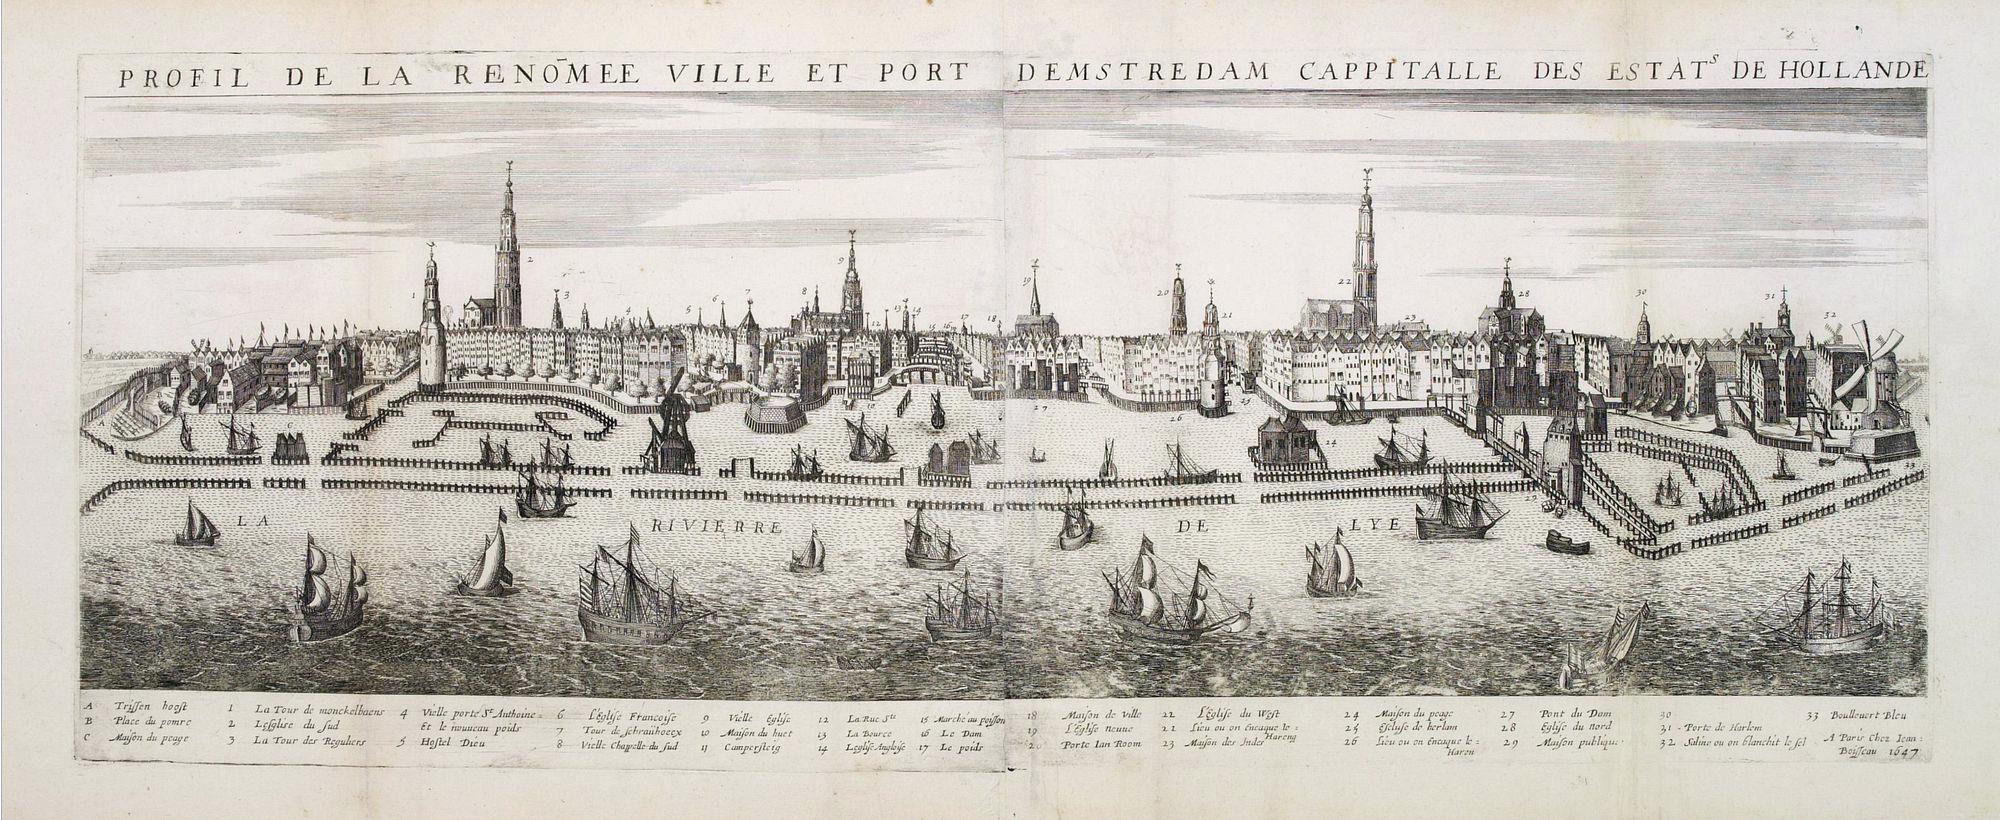 BOISSEAU, J. -  Profil de la renomée ville et port d'Emstredam cappitalle des estats de Hollande.